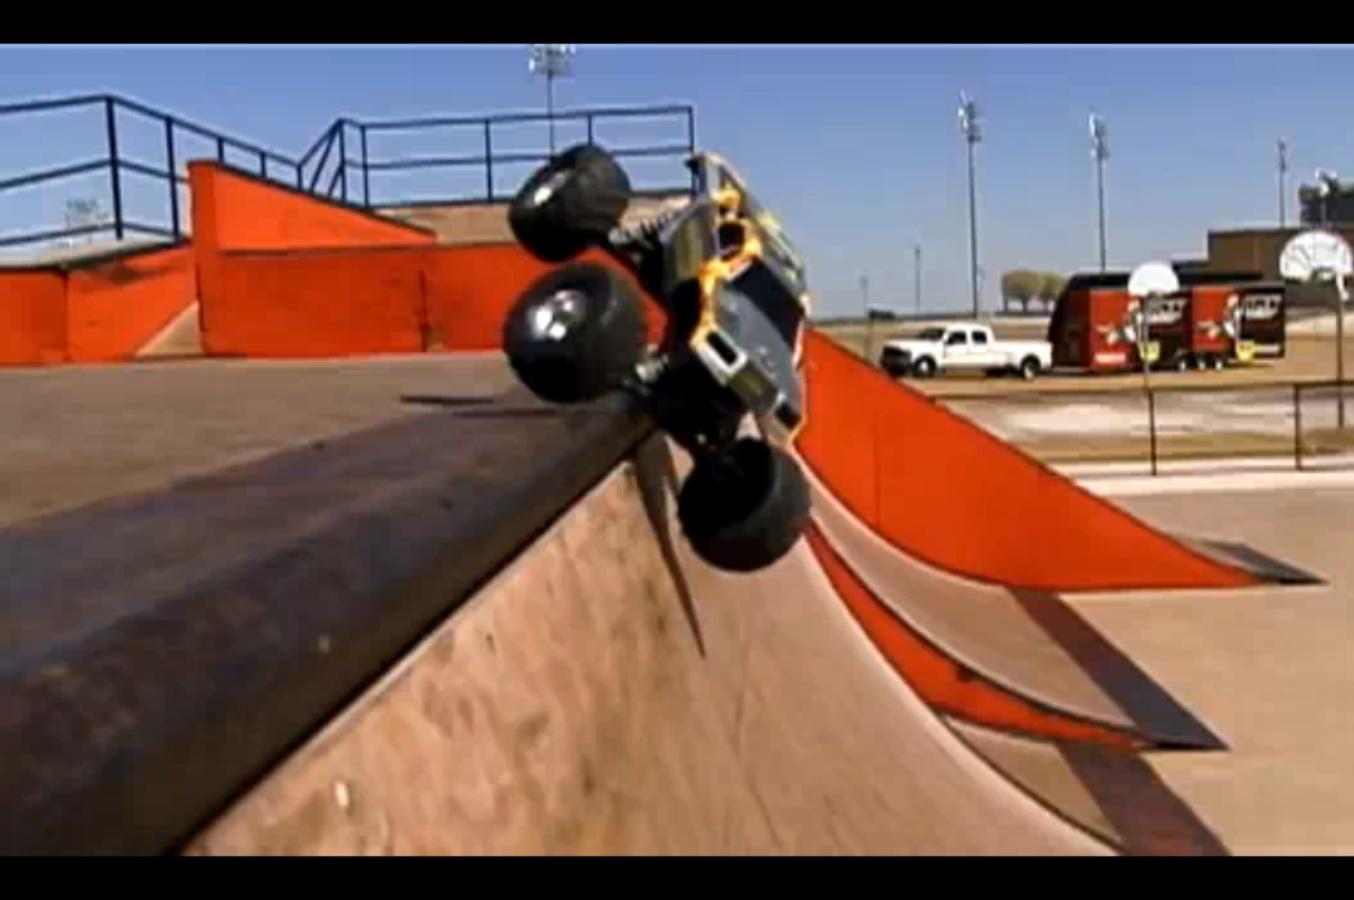 Traxxas Monster Jam Replica Trucks Hit The Skate Park